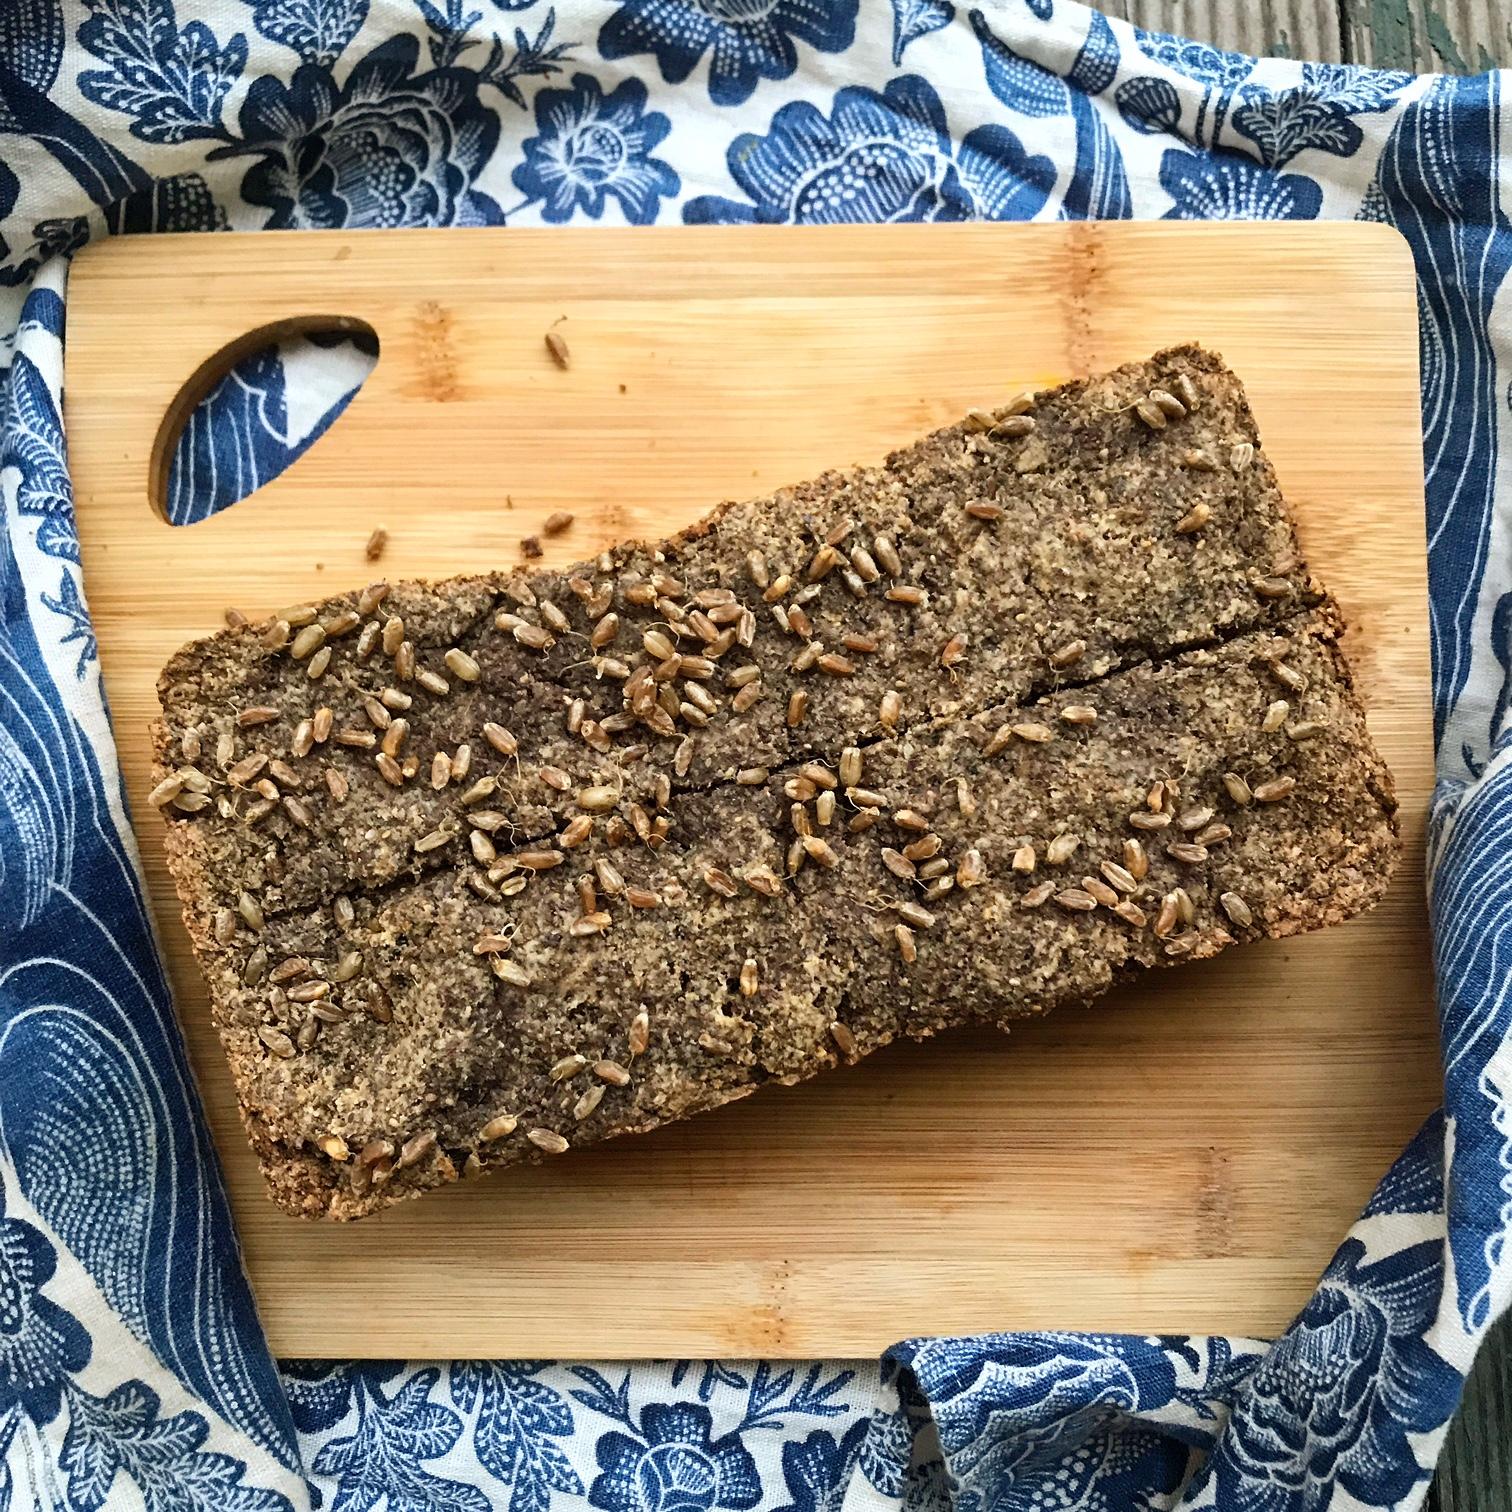 Home baked almond flour bread.jpg